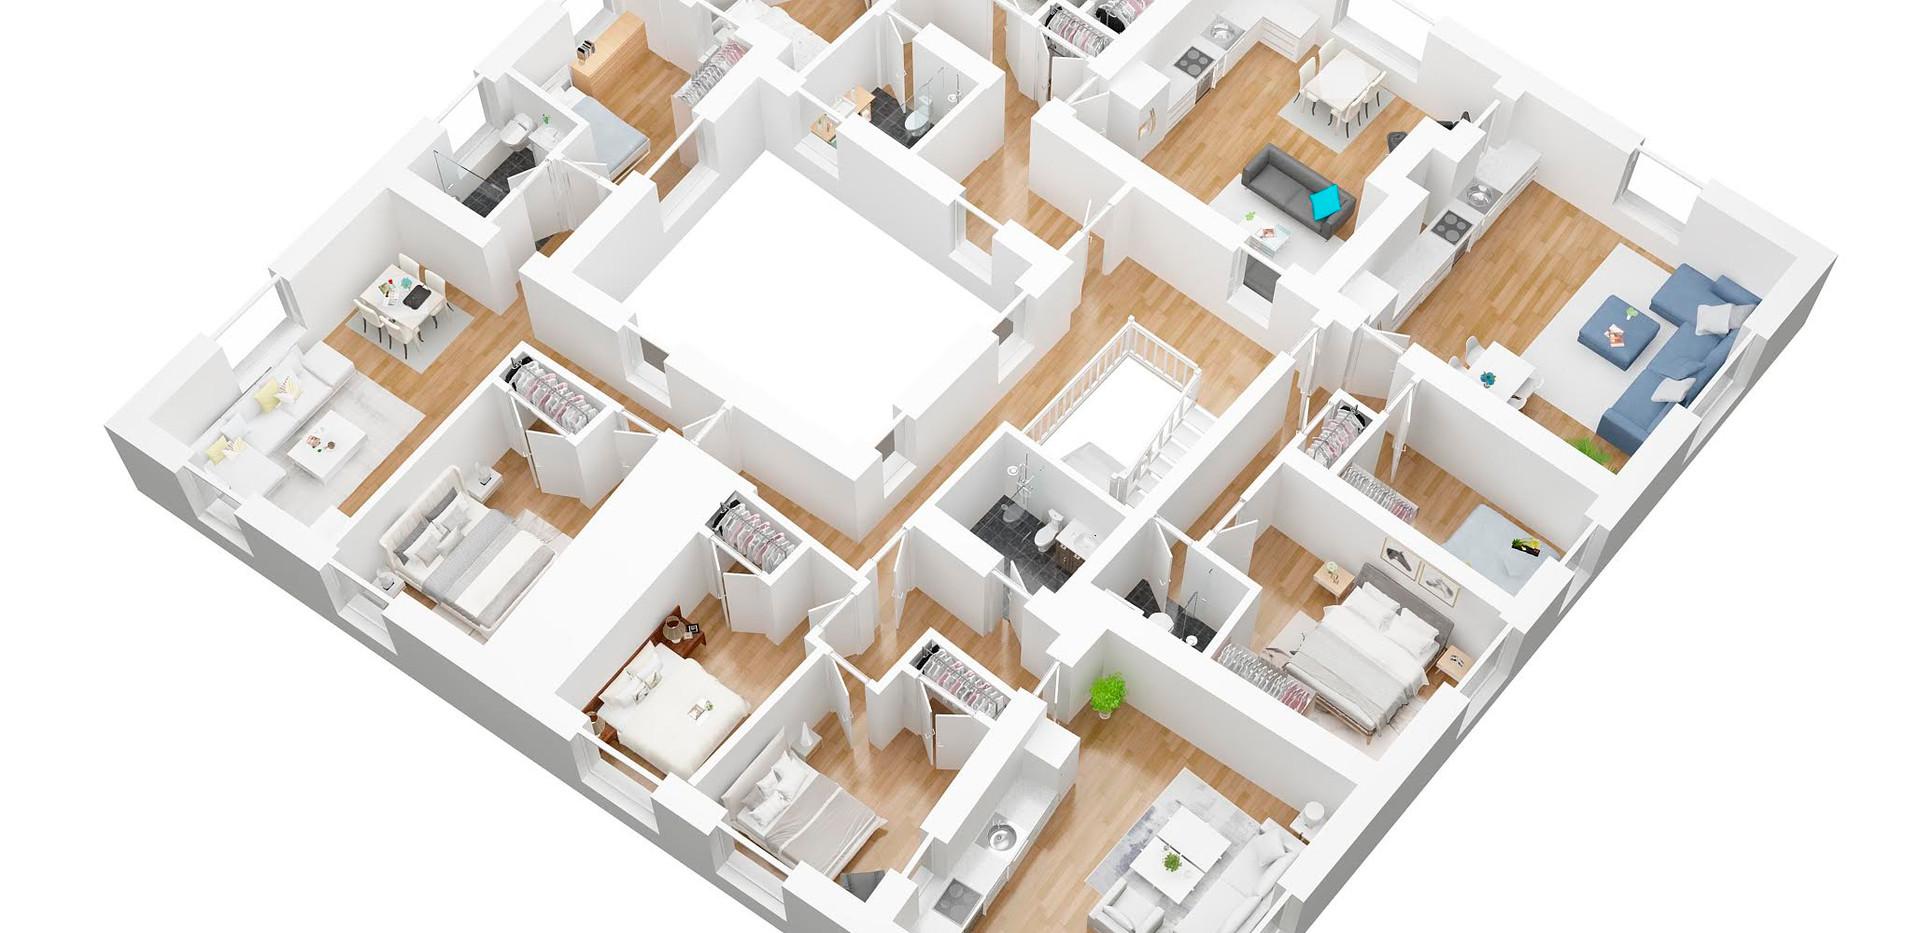 Victoriabk_2_3D  floor plan